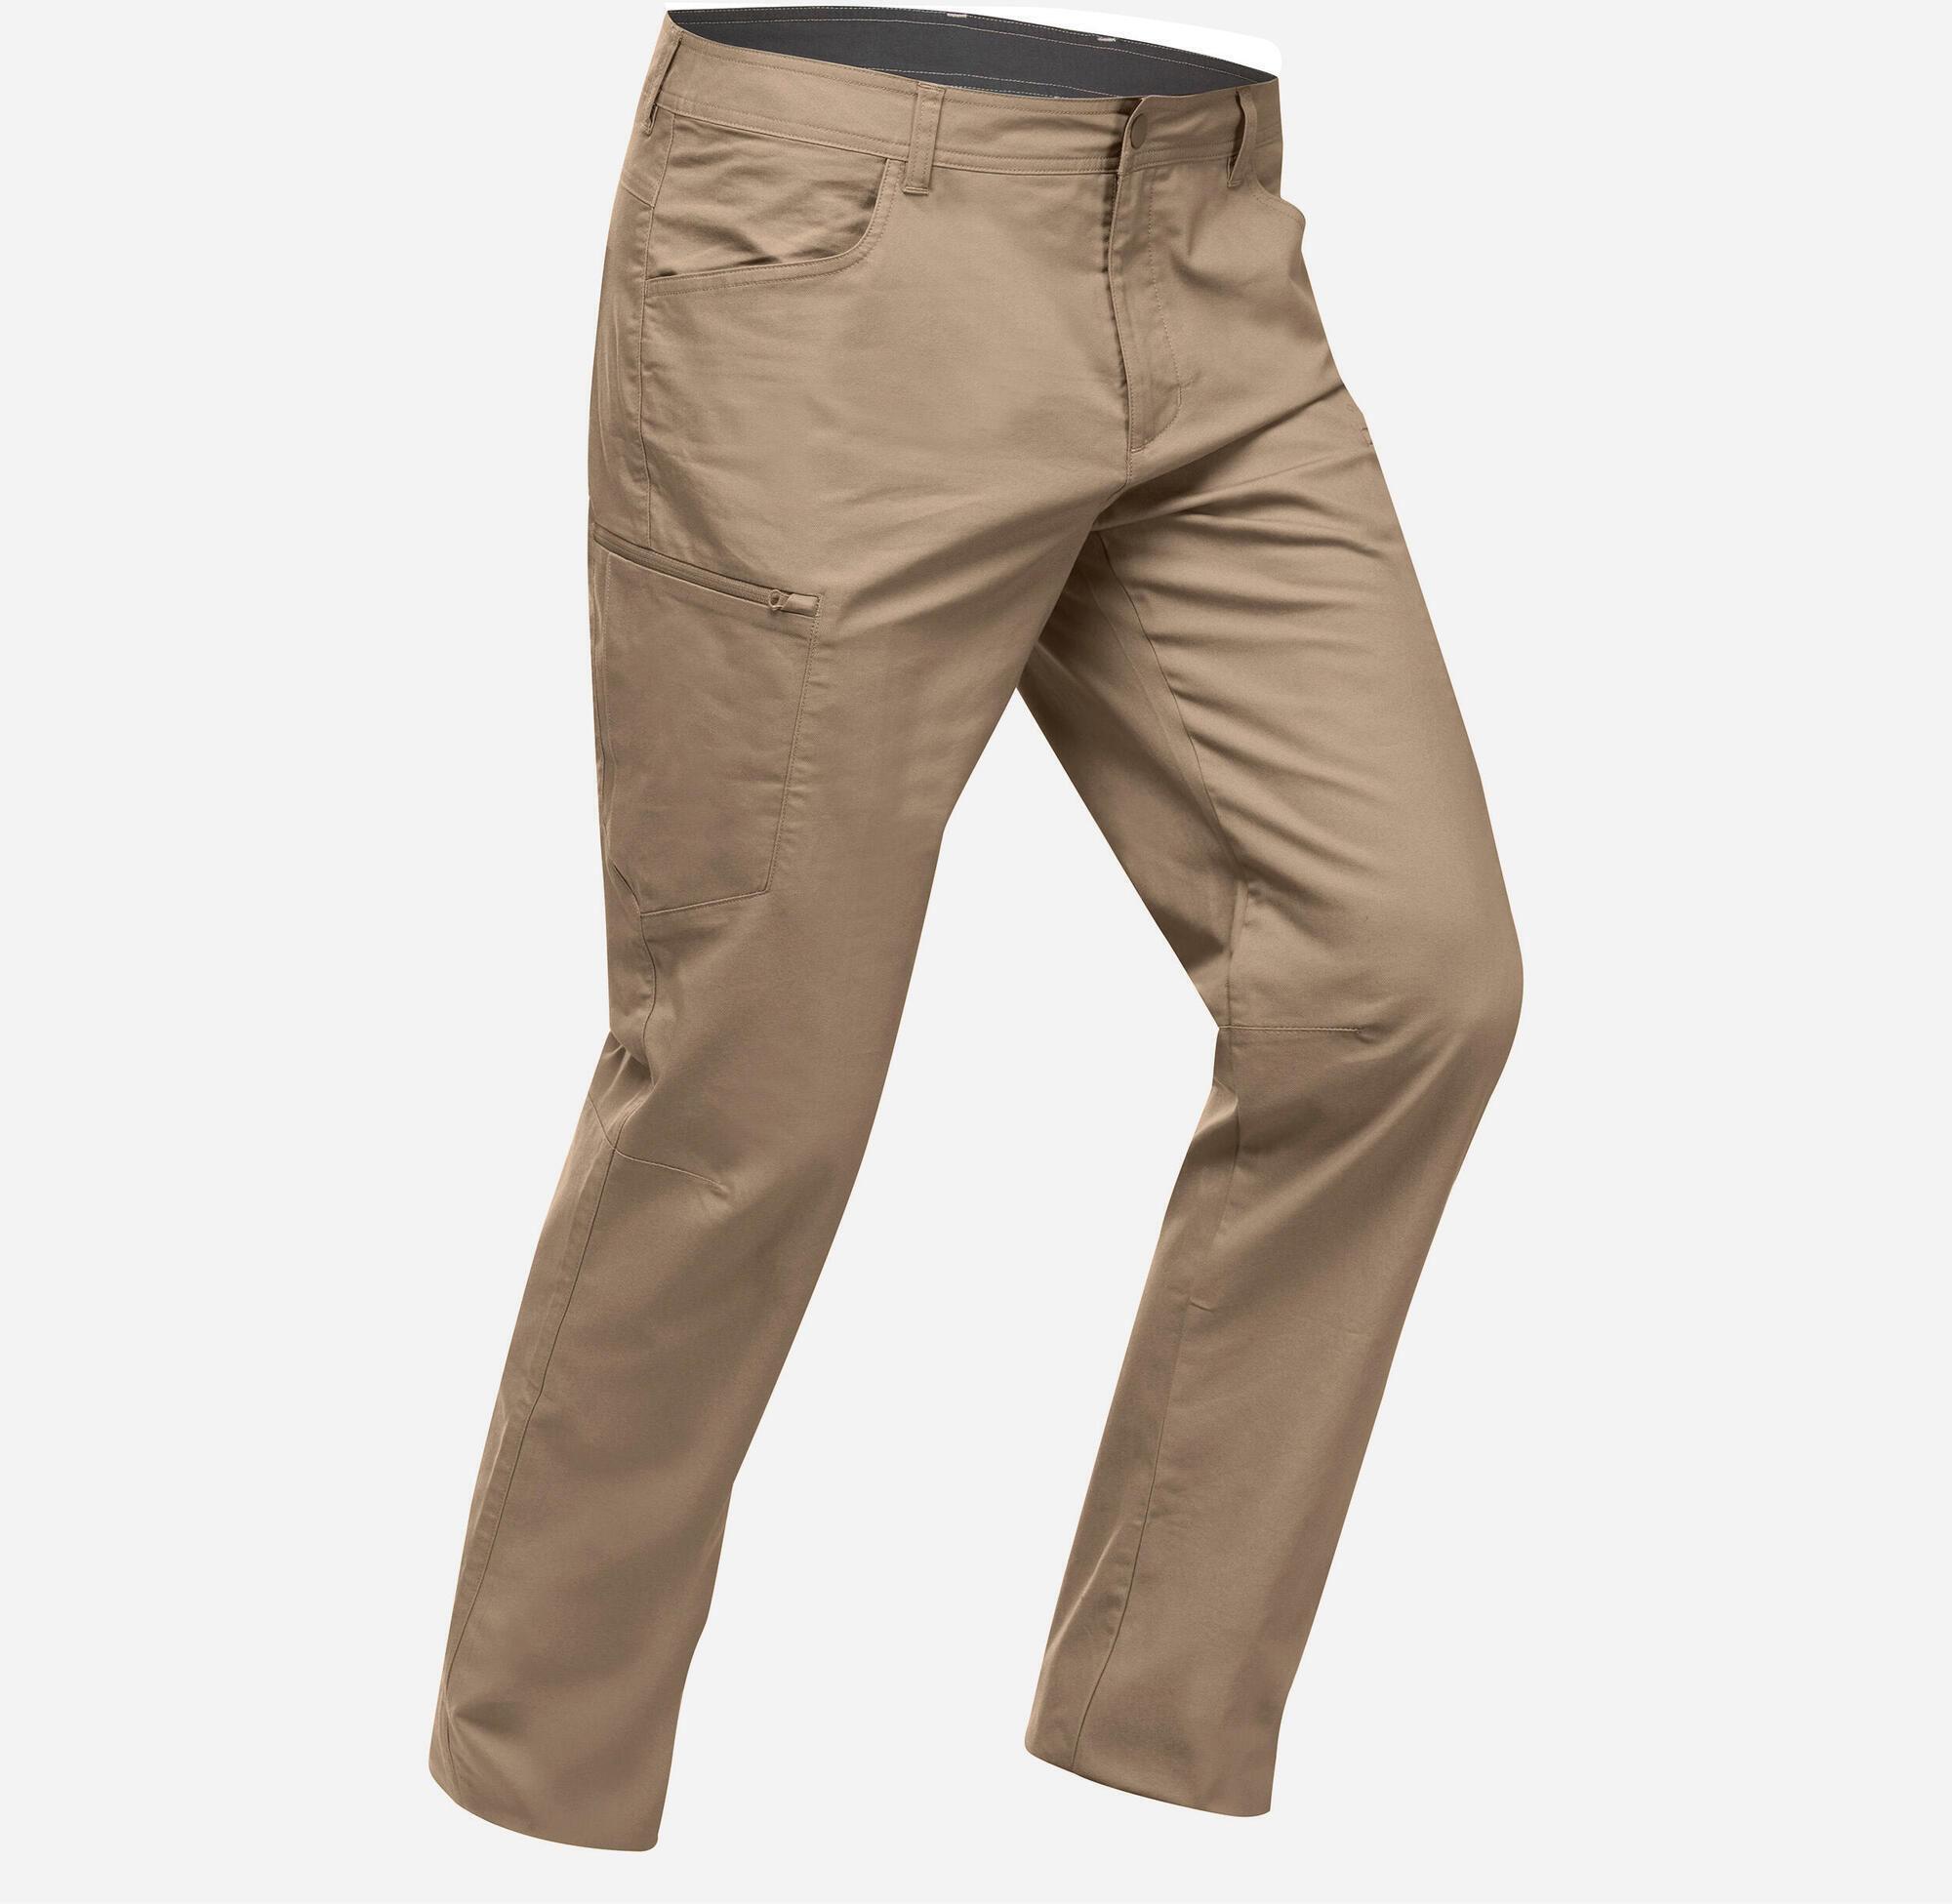 Spodnie turystyczne - NH500 Regular - męskie